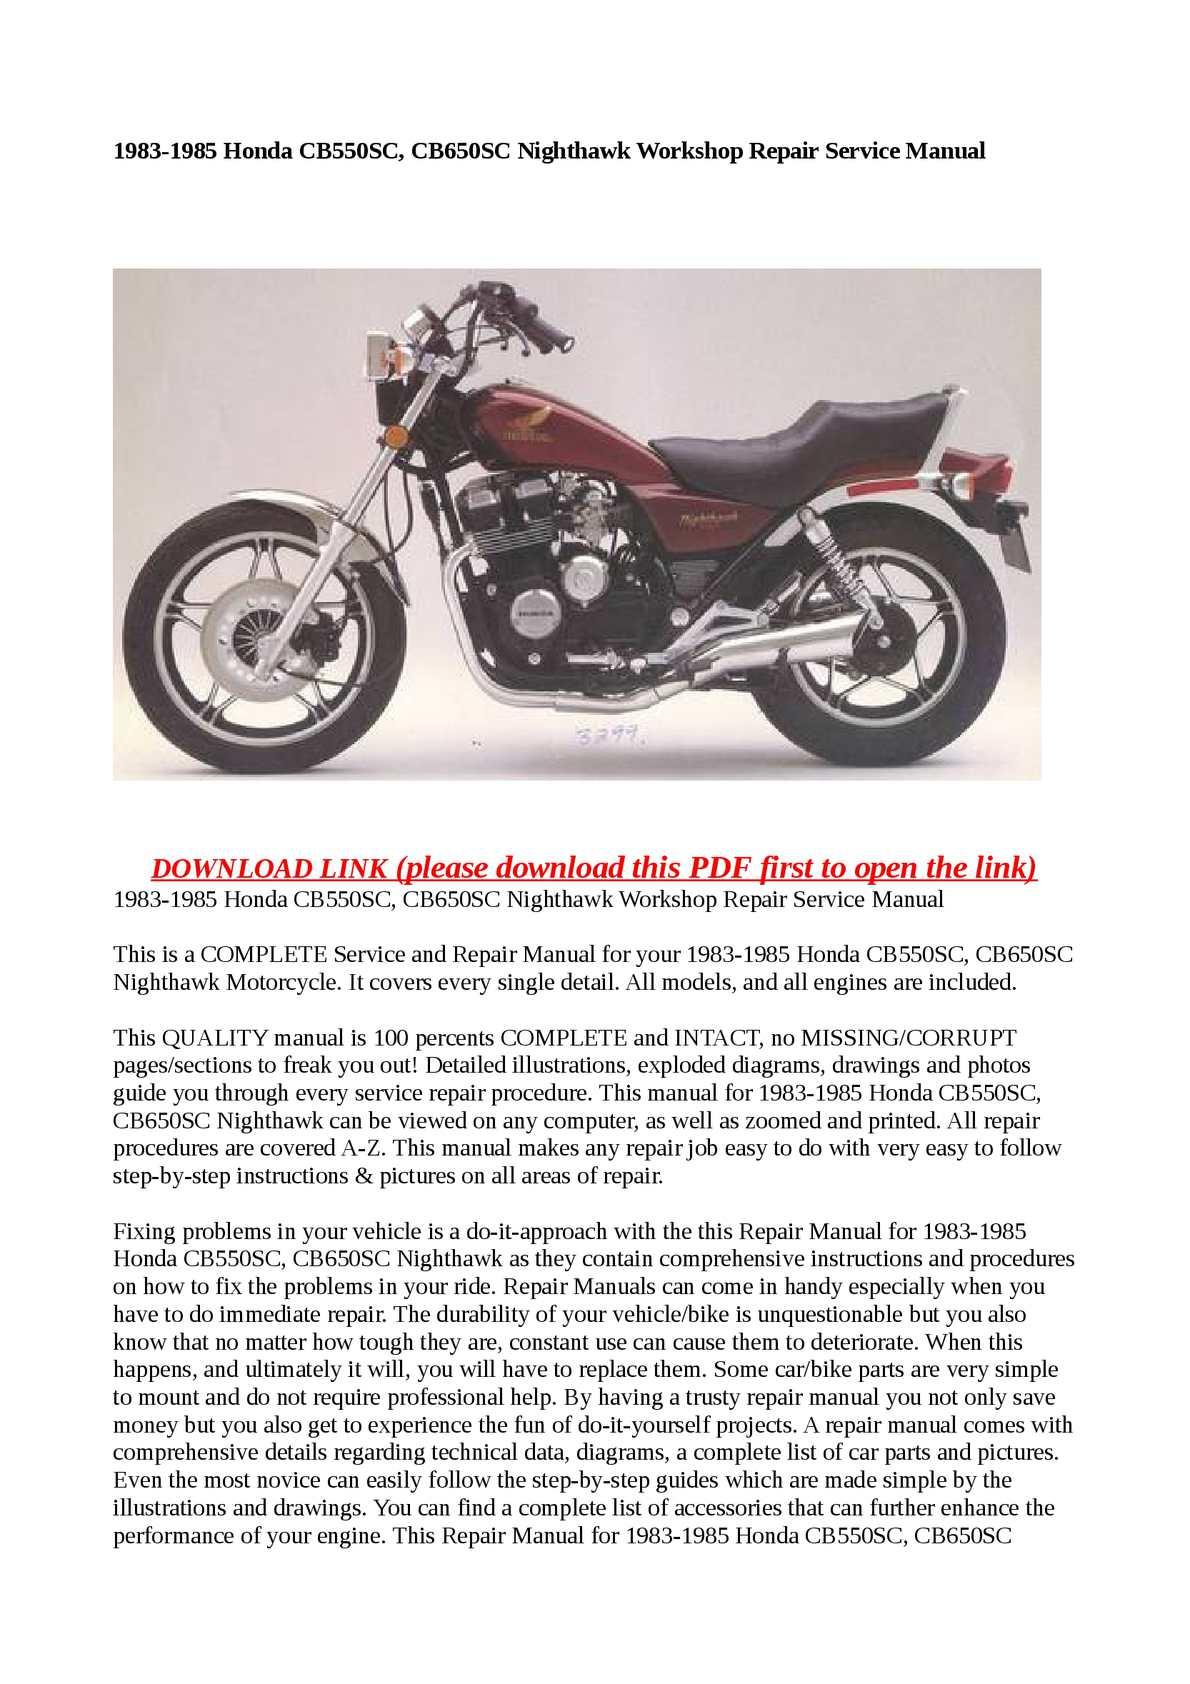 1983 Honda Cb650 Wiring Diagram from p.calameoassets.com